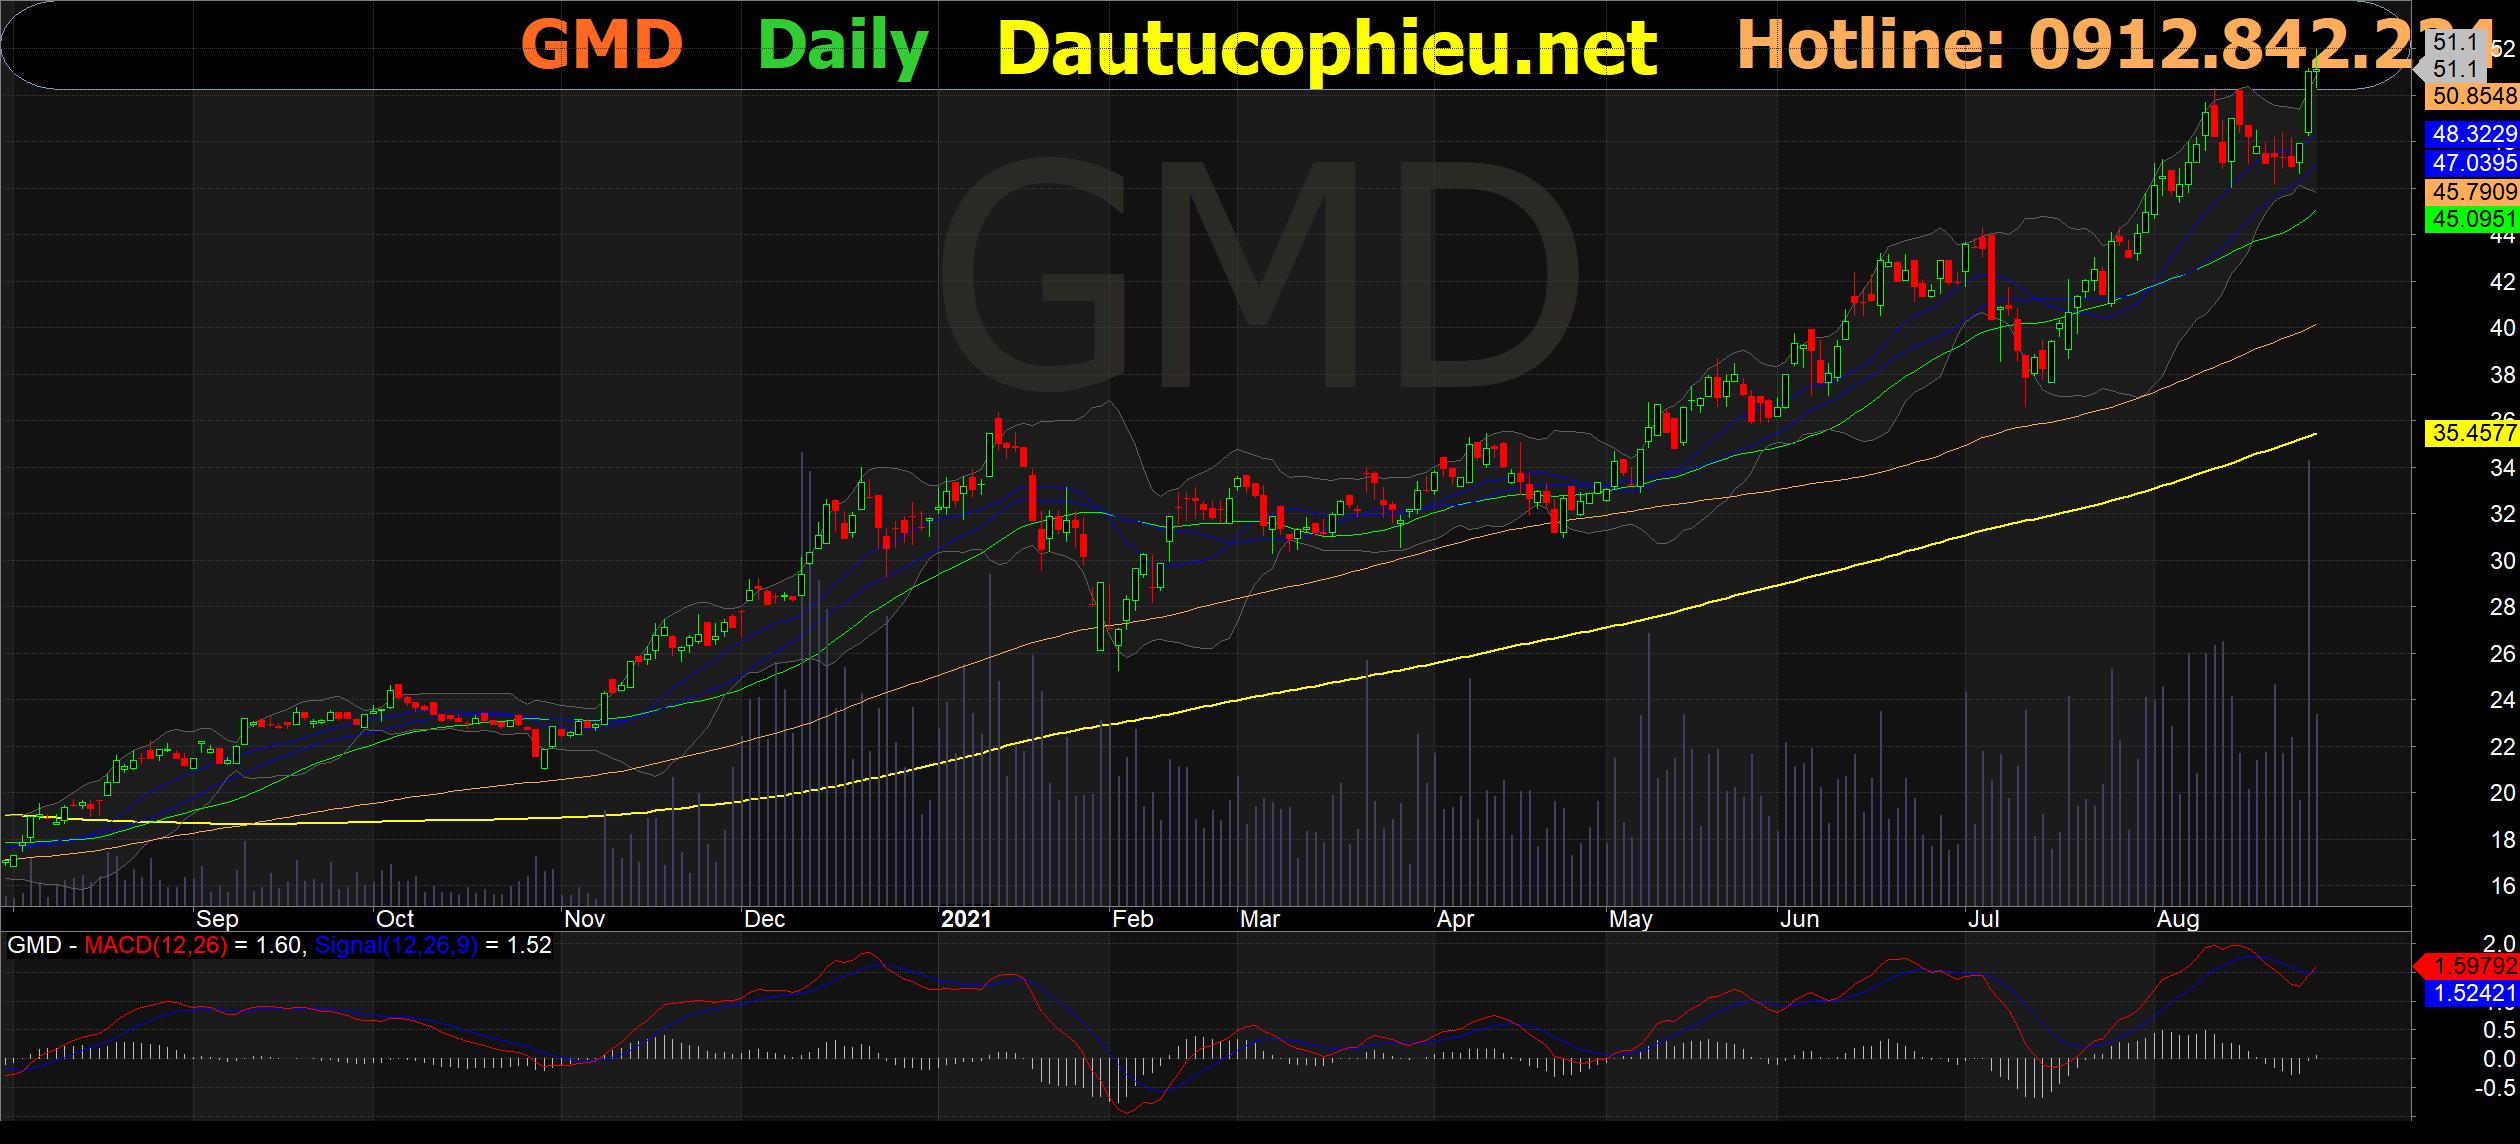 Đồ thị cổ phiếu GMD phiên giao dịch ngày 27/08/2021. Nguồn: AmiBroker